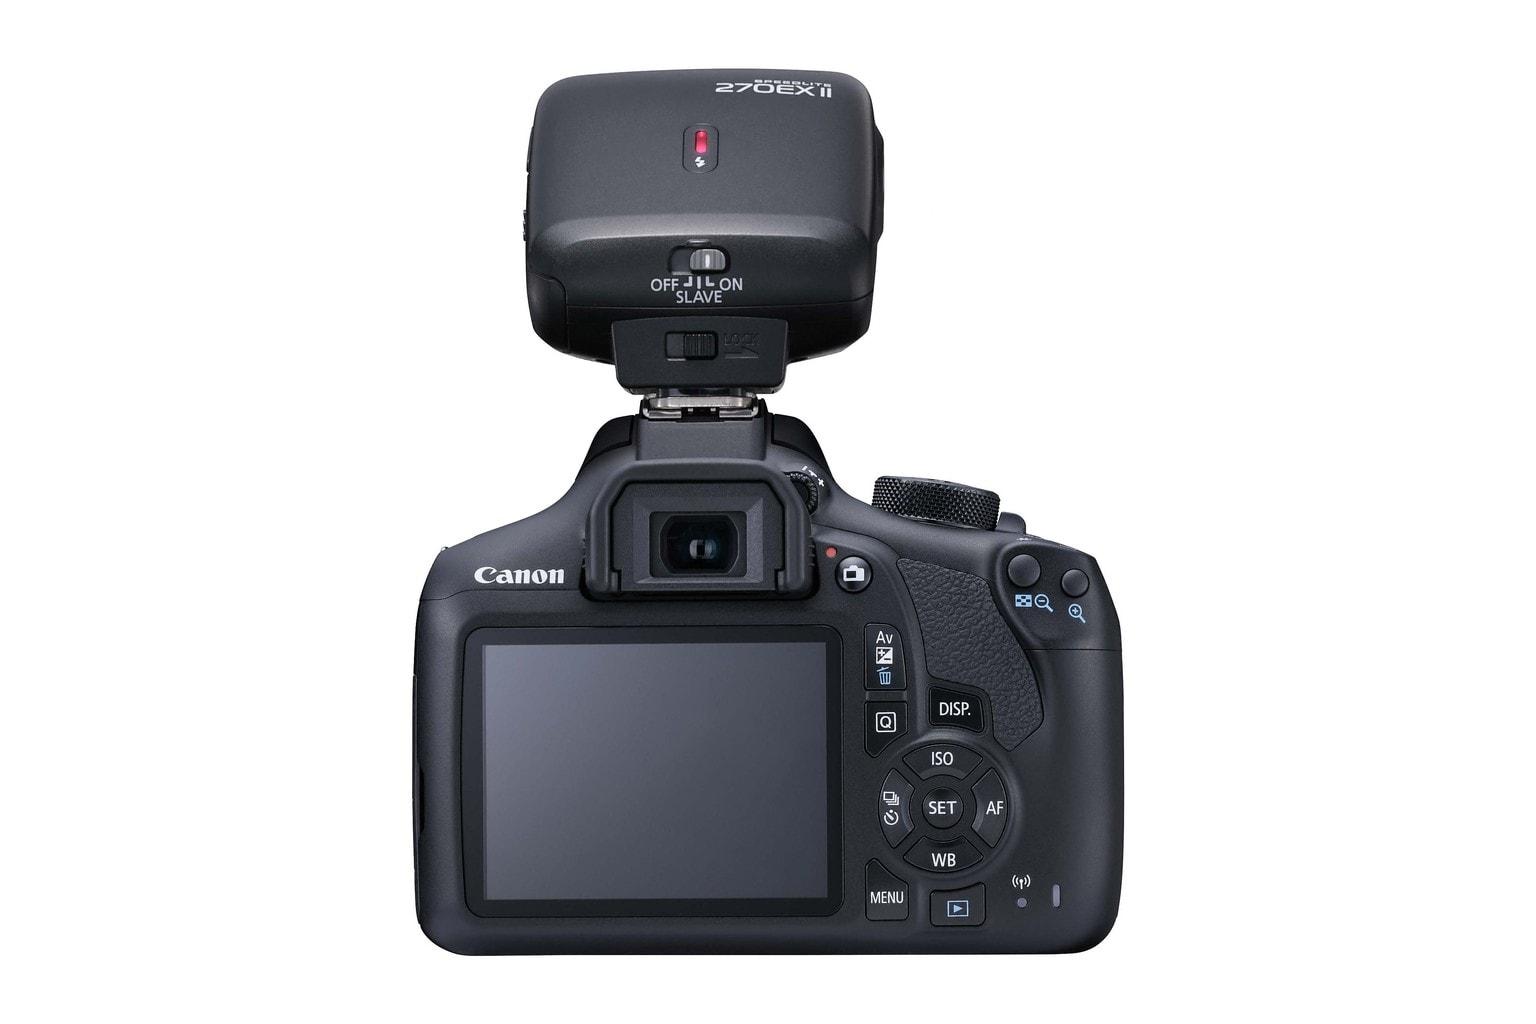 Fotografía trasera de la cámara réflex Canon 1300D